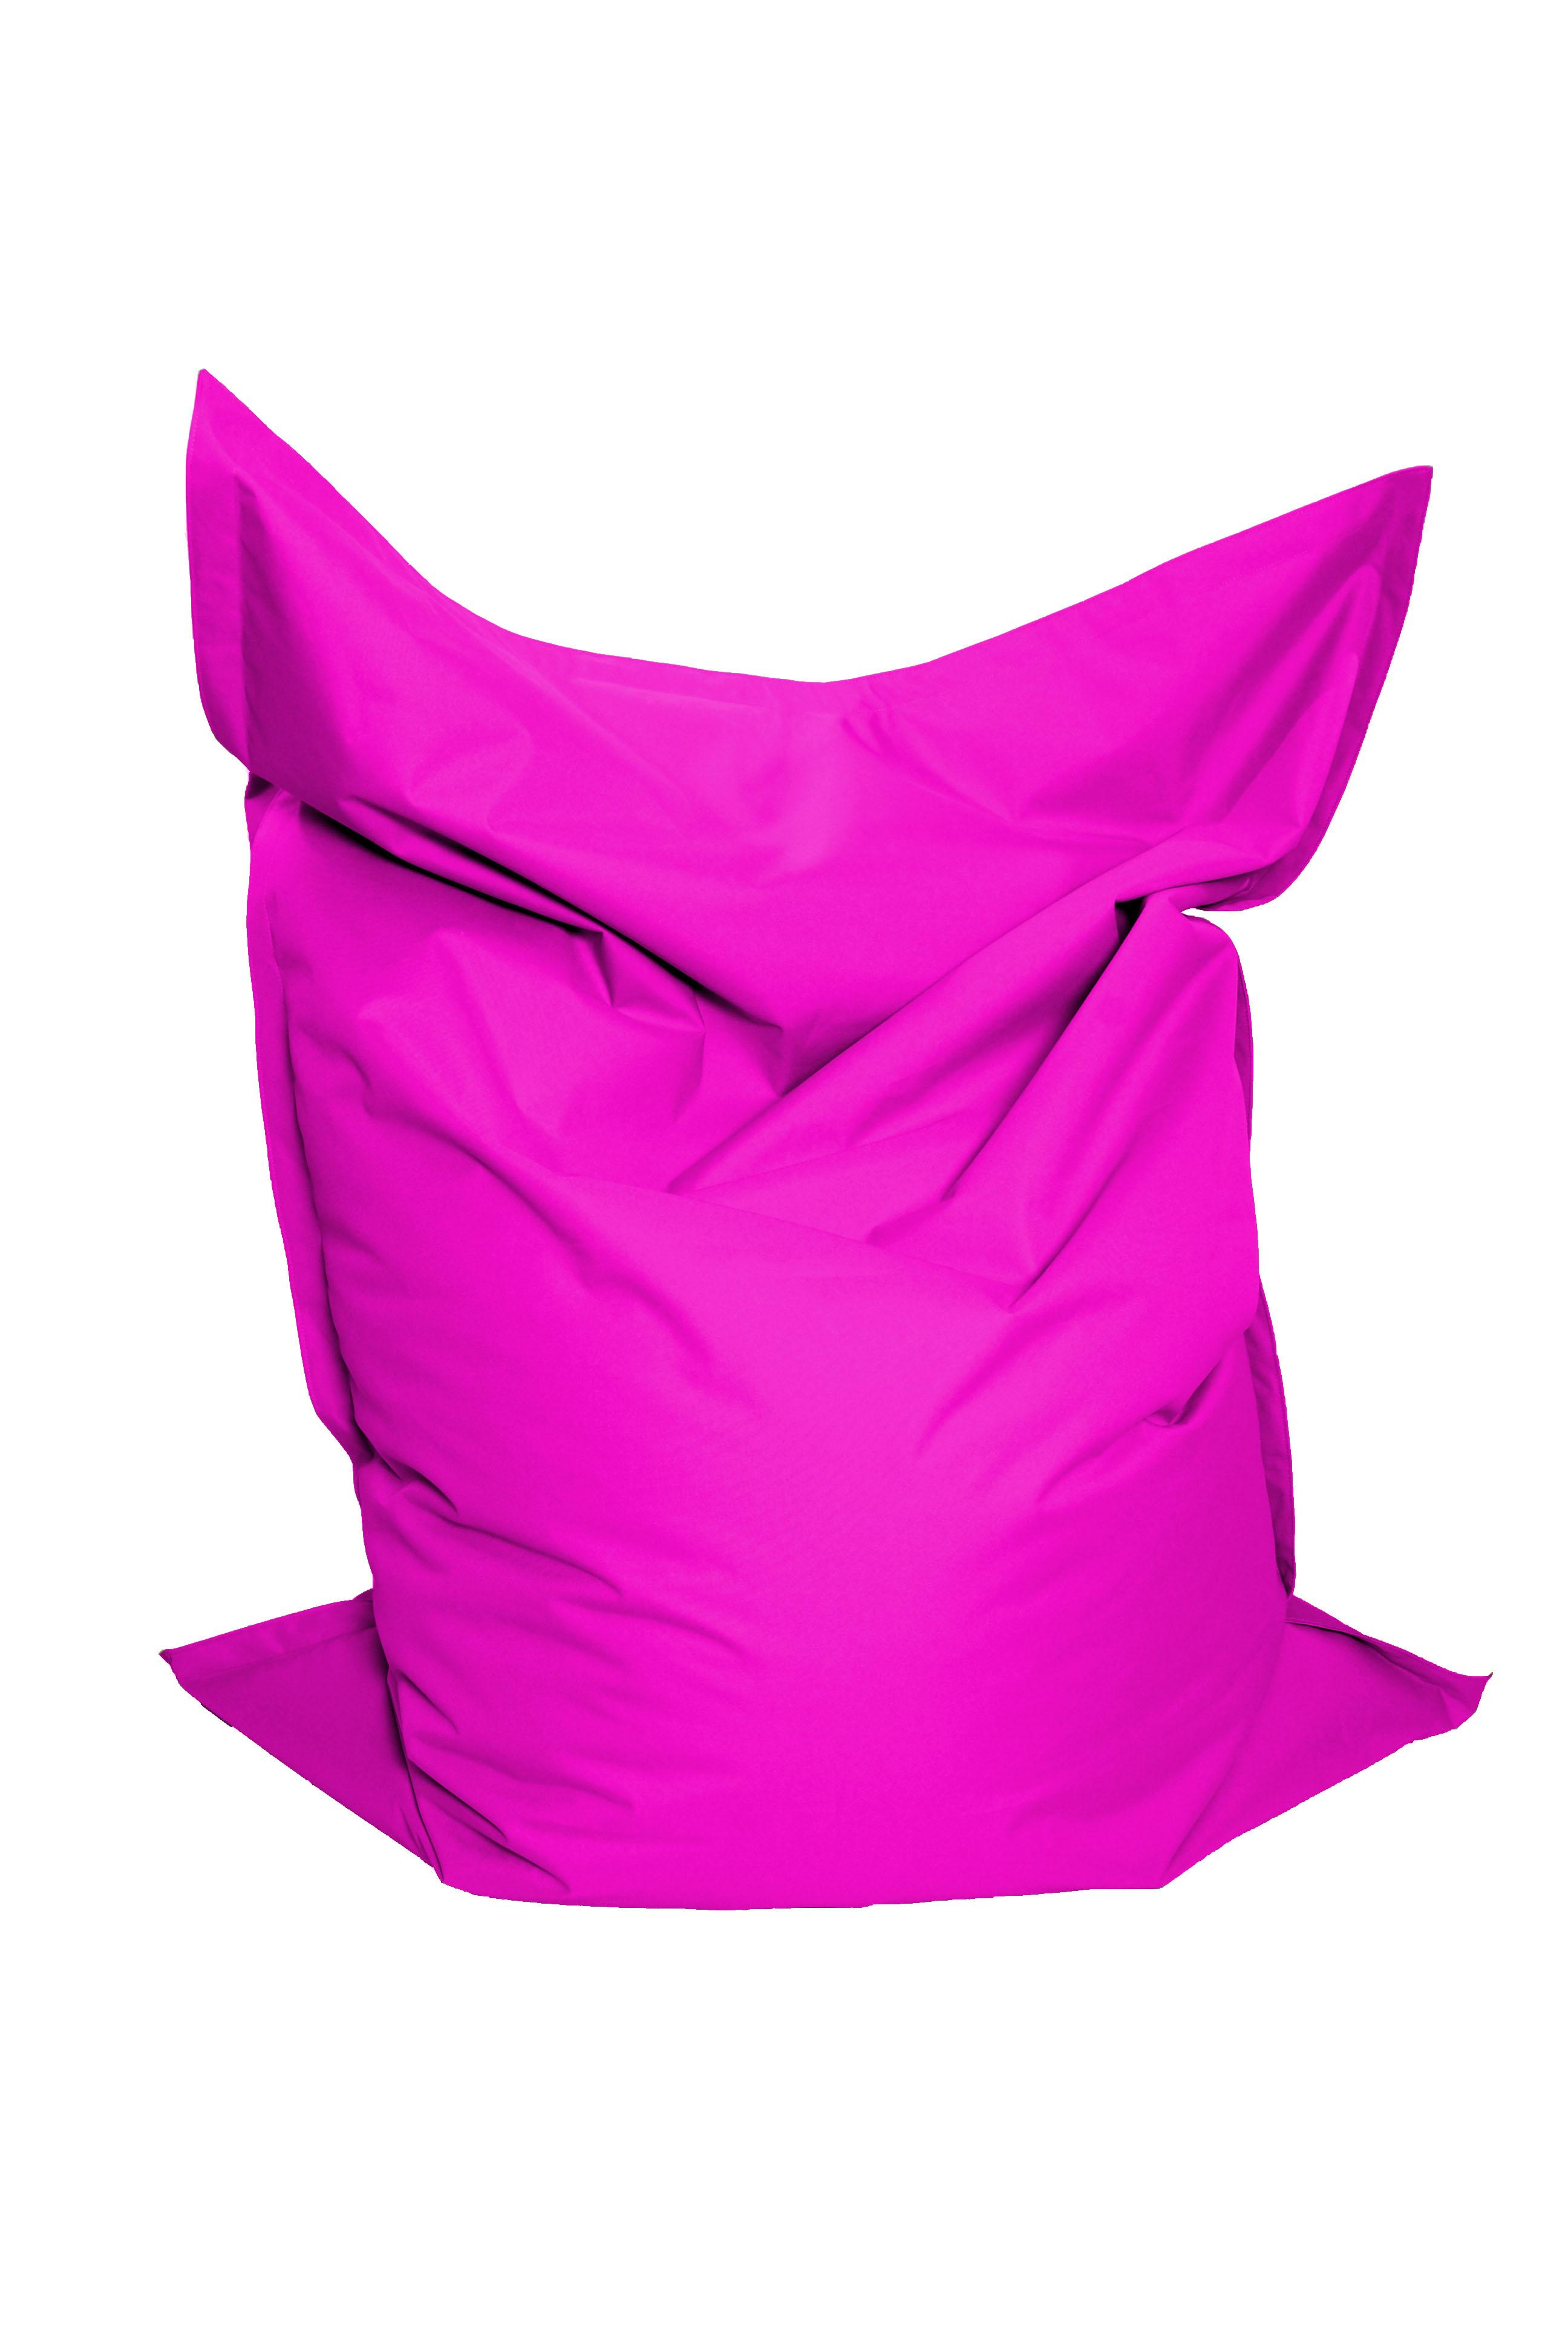 M&M sedací vak Standard 180x141cm růžová (růžová 41194)